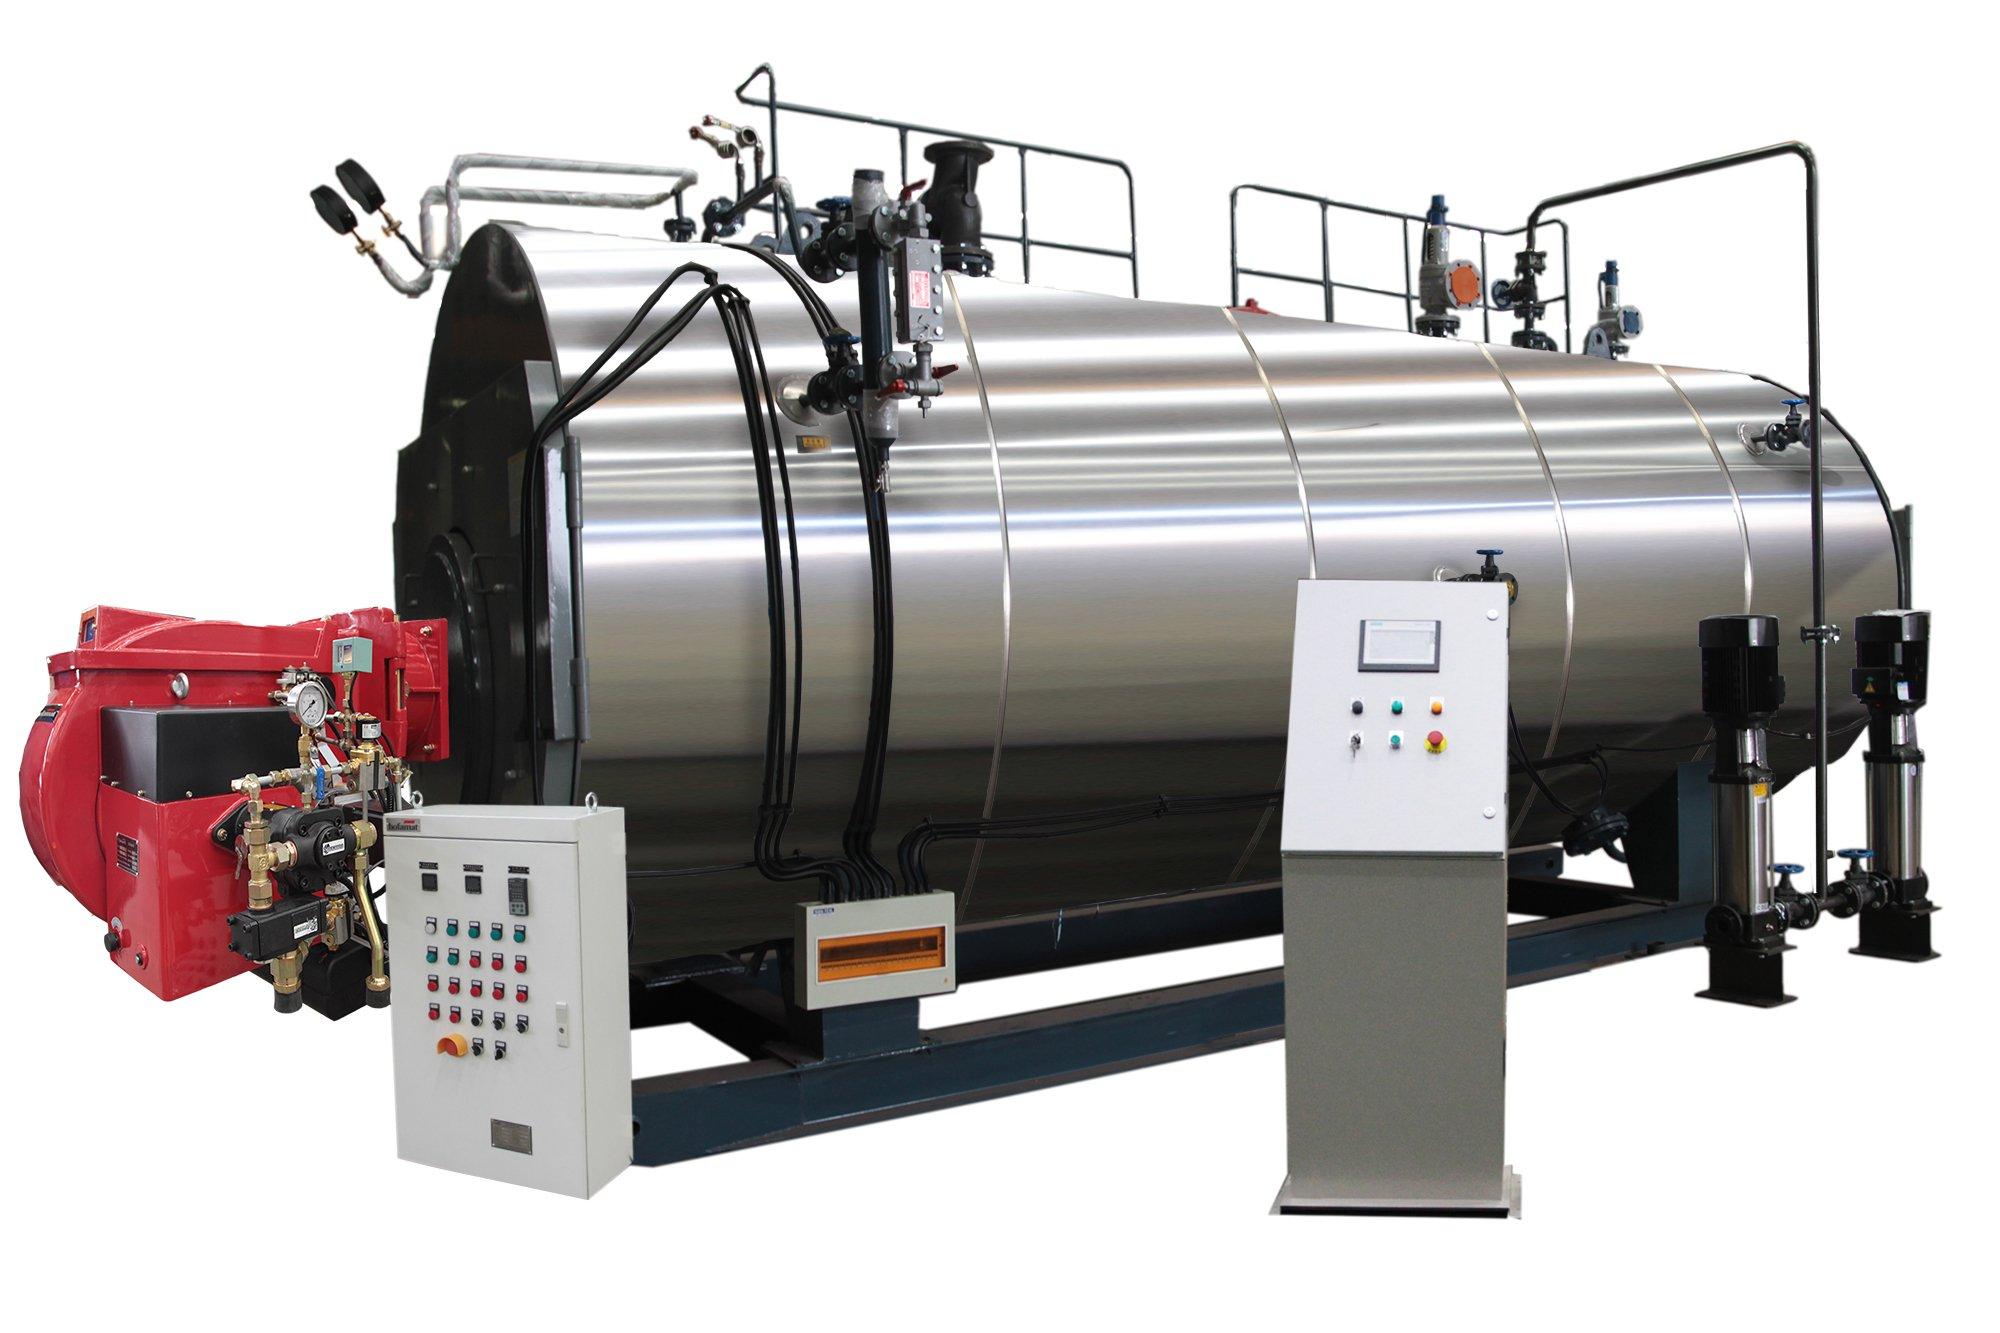 WNS双料锅炉6吨控制柜本体.jpg